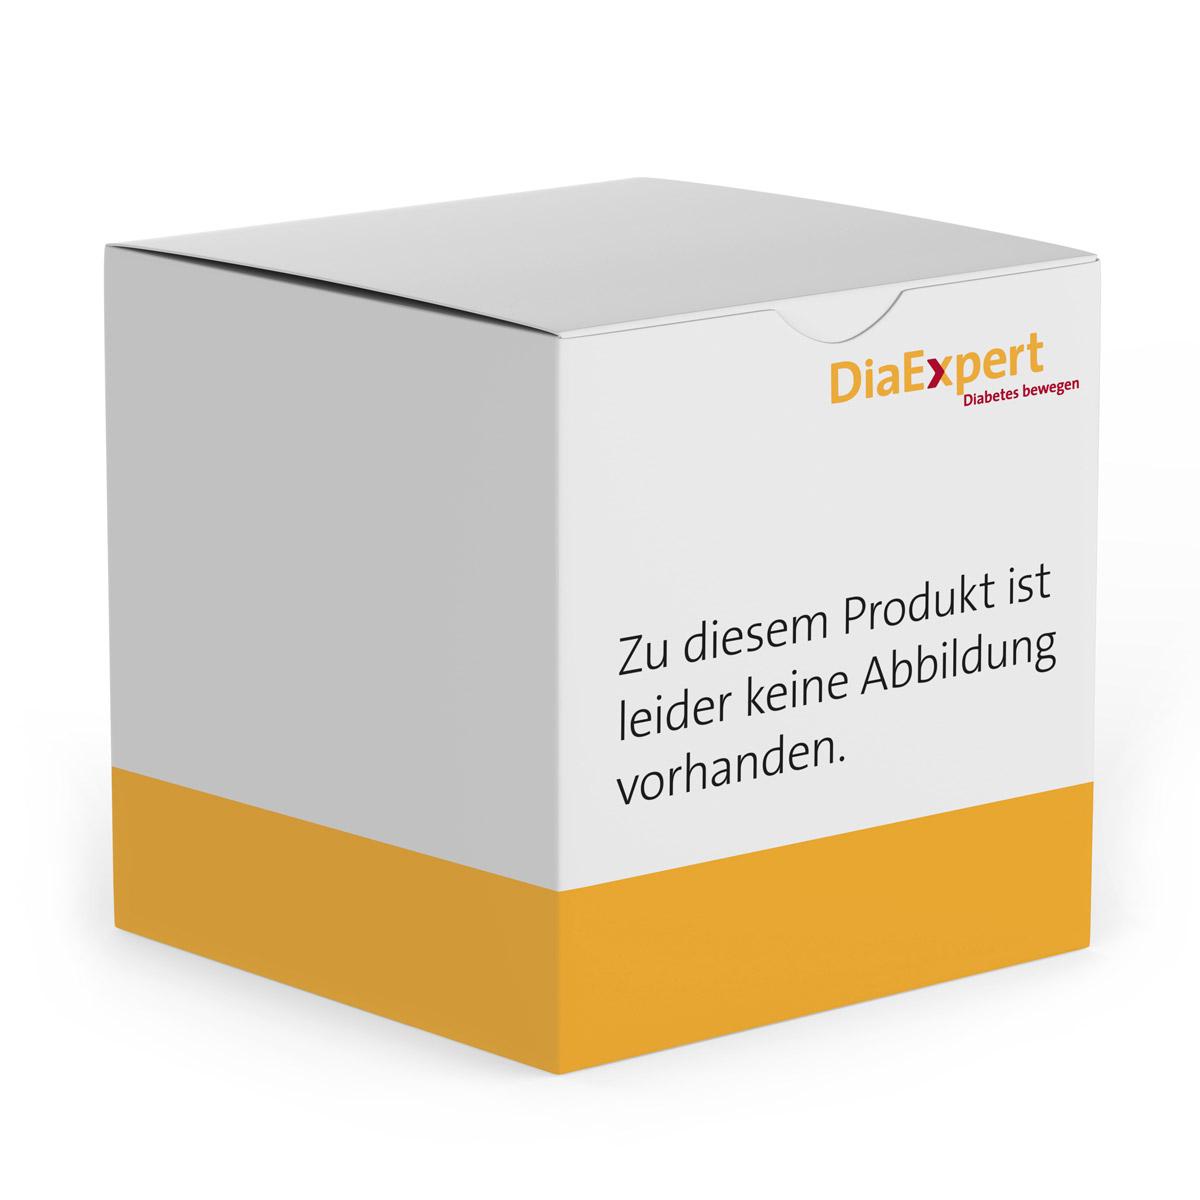 OneTouch Select Plus Flex Set mmol/L